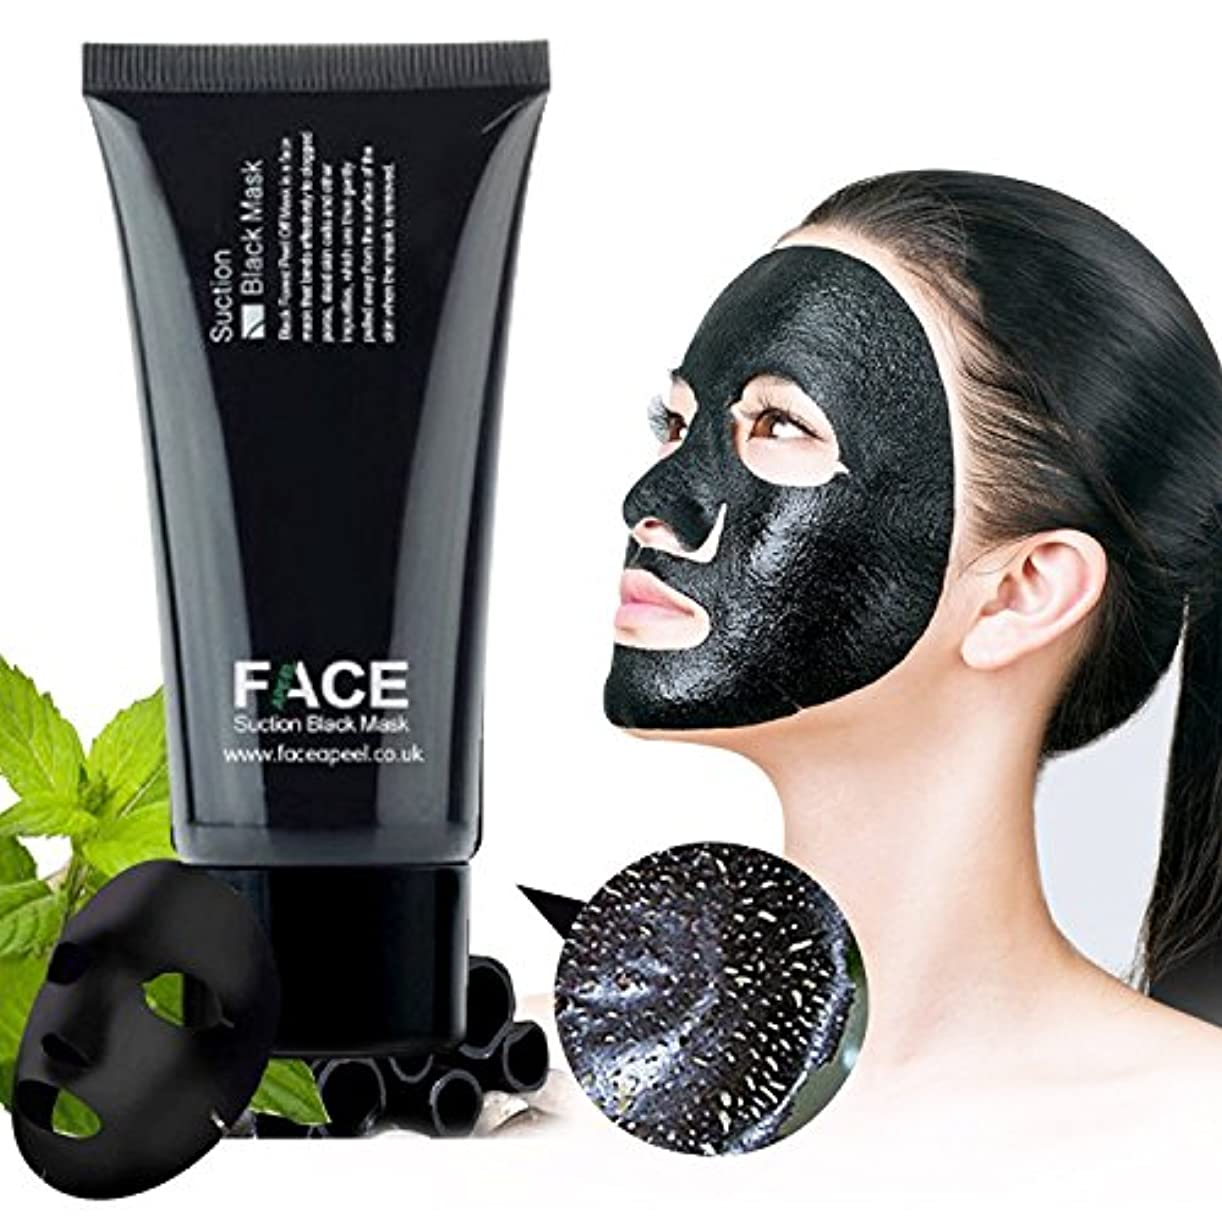 十分なペチュランスポテトFaceApeel Blackheadリムーバーマスク[Blackheadsを取り除く] - プレミアム品質Black Pore Removalは、Face For Faceマスクを剥がす